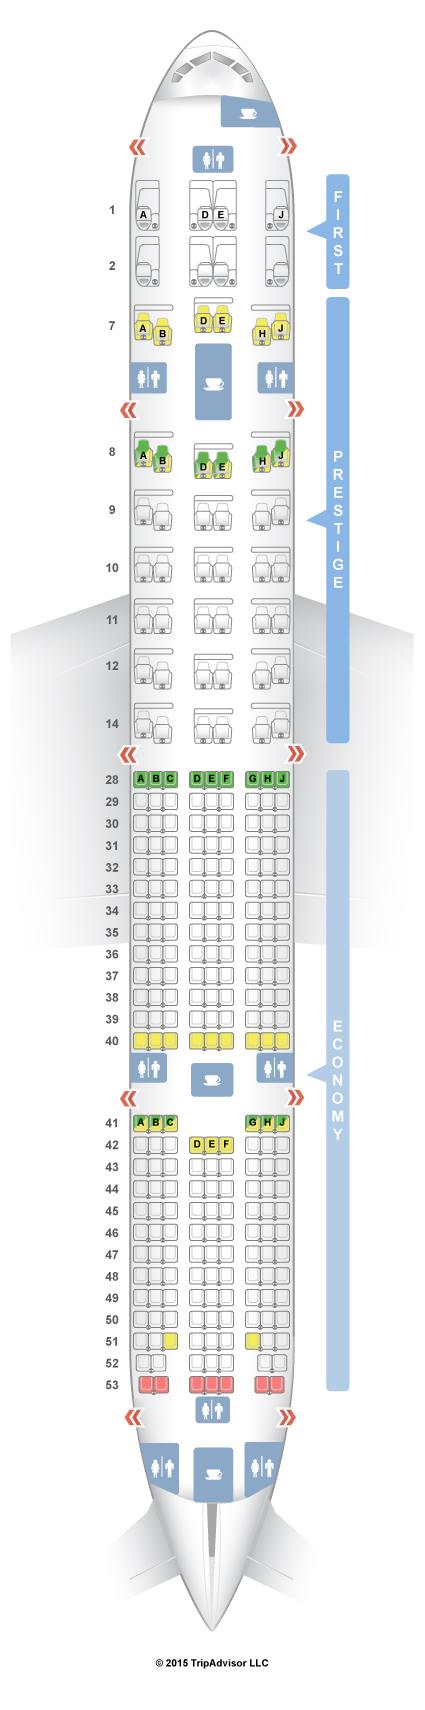 Boeing 777 300Er Seat Map SeatGuru Seat Map Korean Air Boeing 777 300ER (77W) V1 Boeing 777 300Er Seat Map